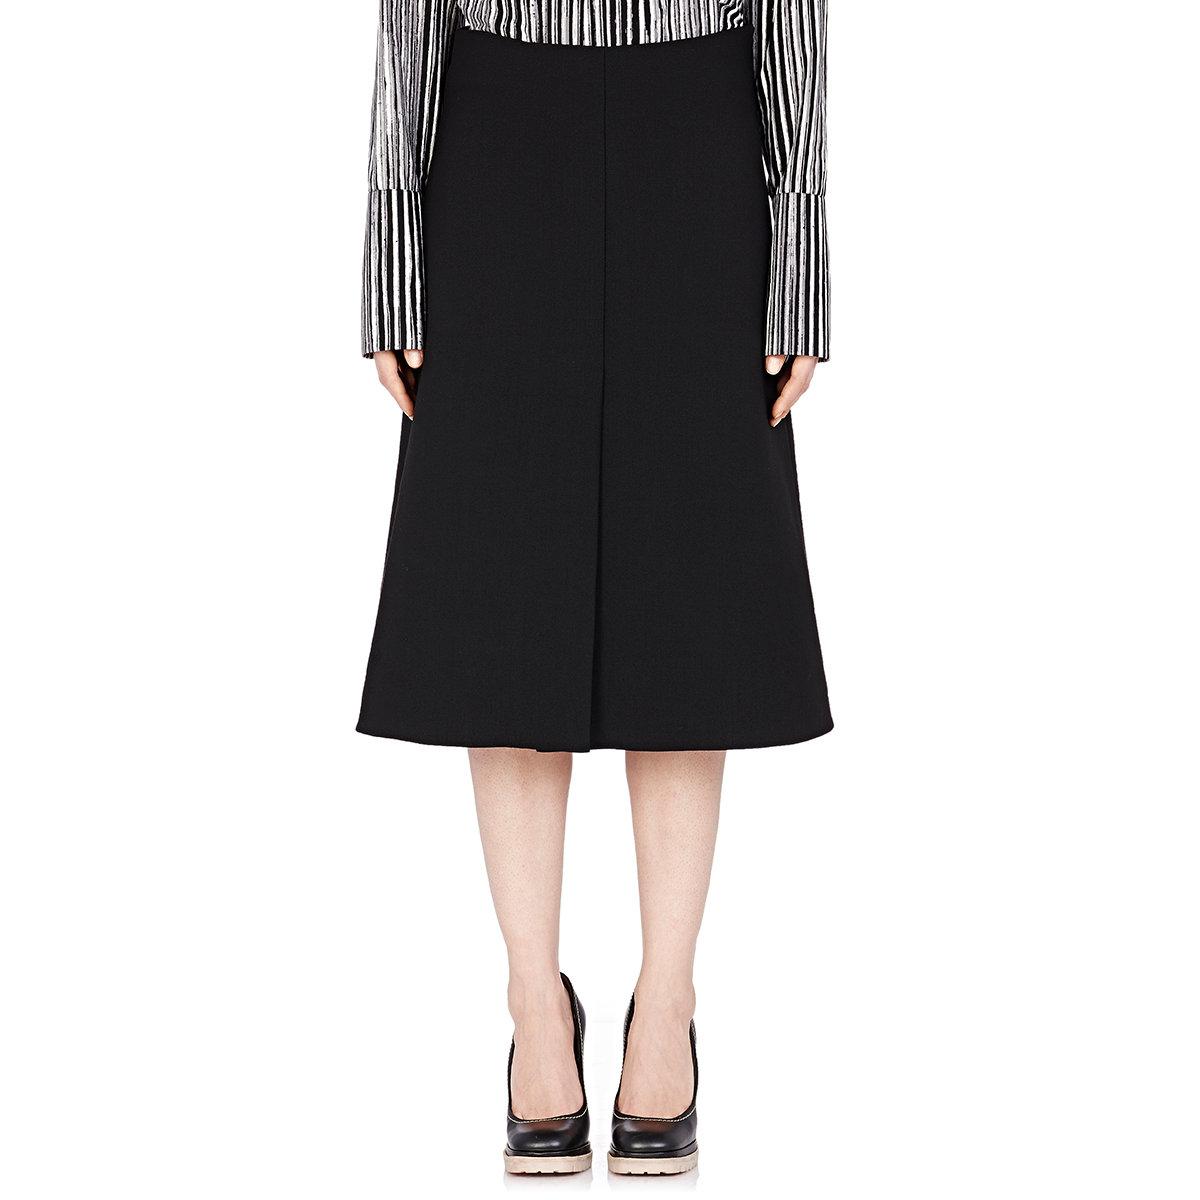 Marni Women's A-line Mid-length Skirt in Black